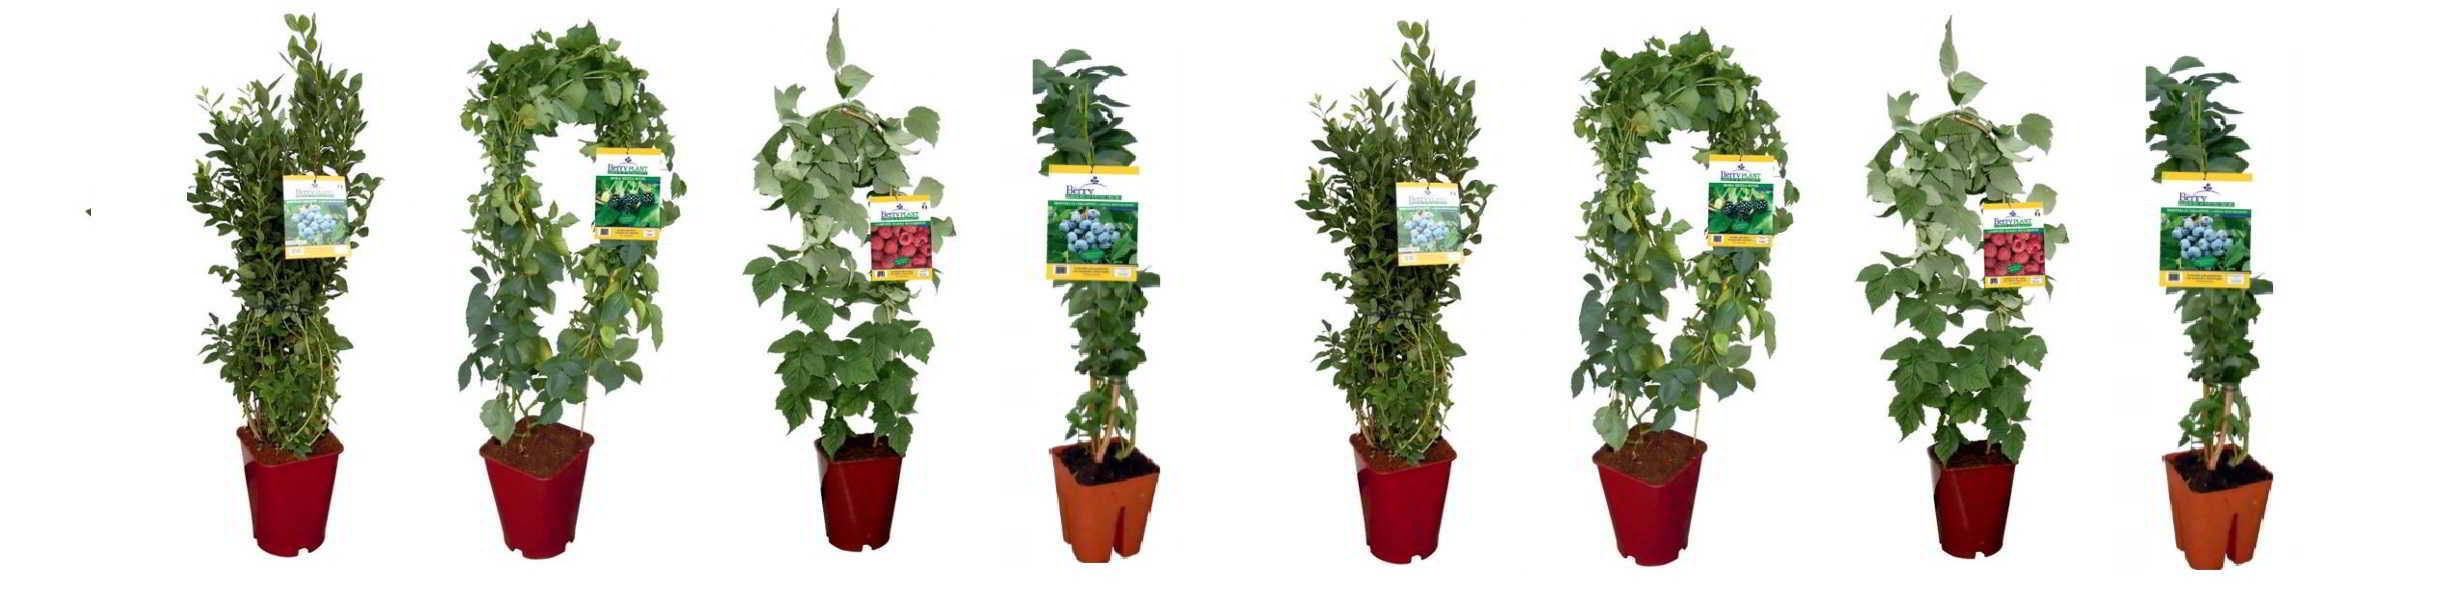 piante-in-vaso-20